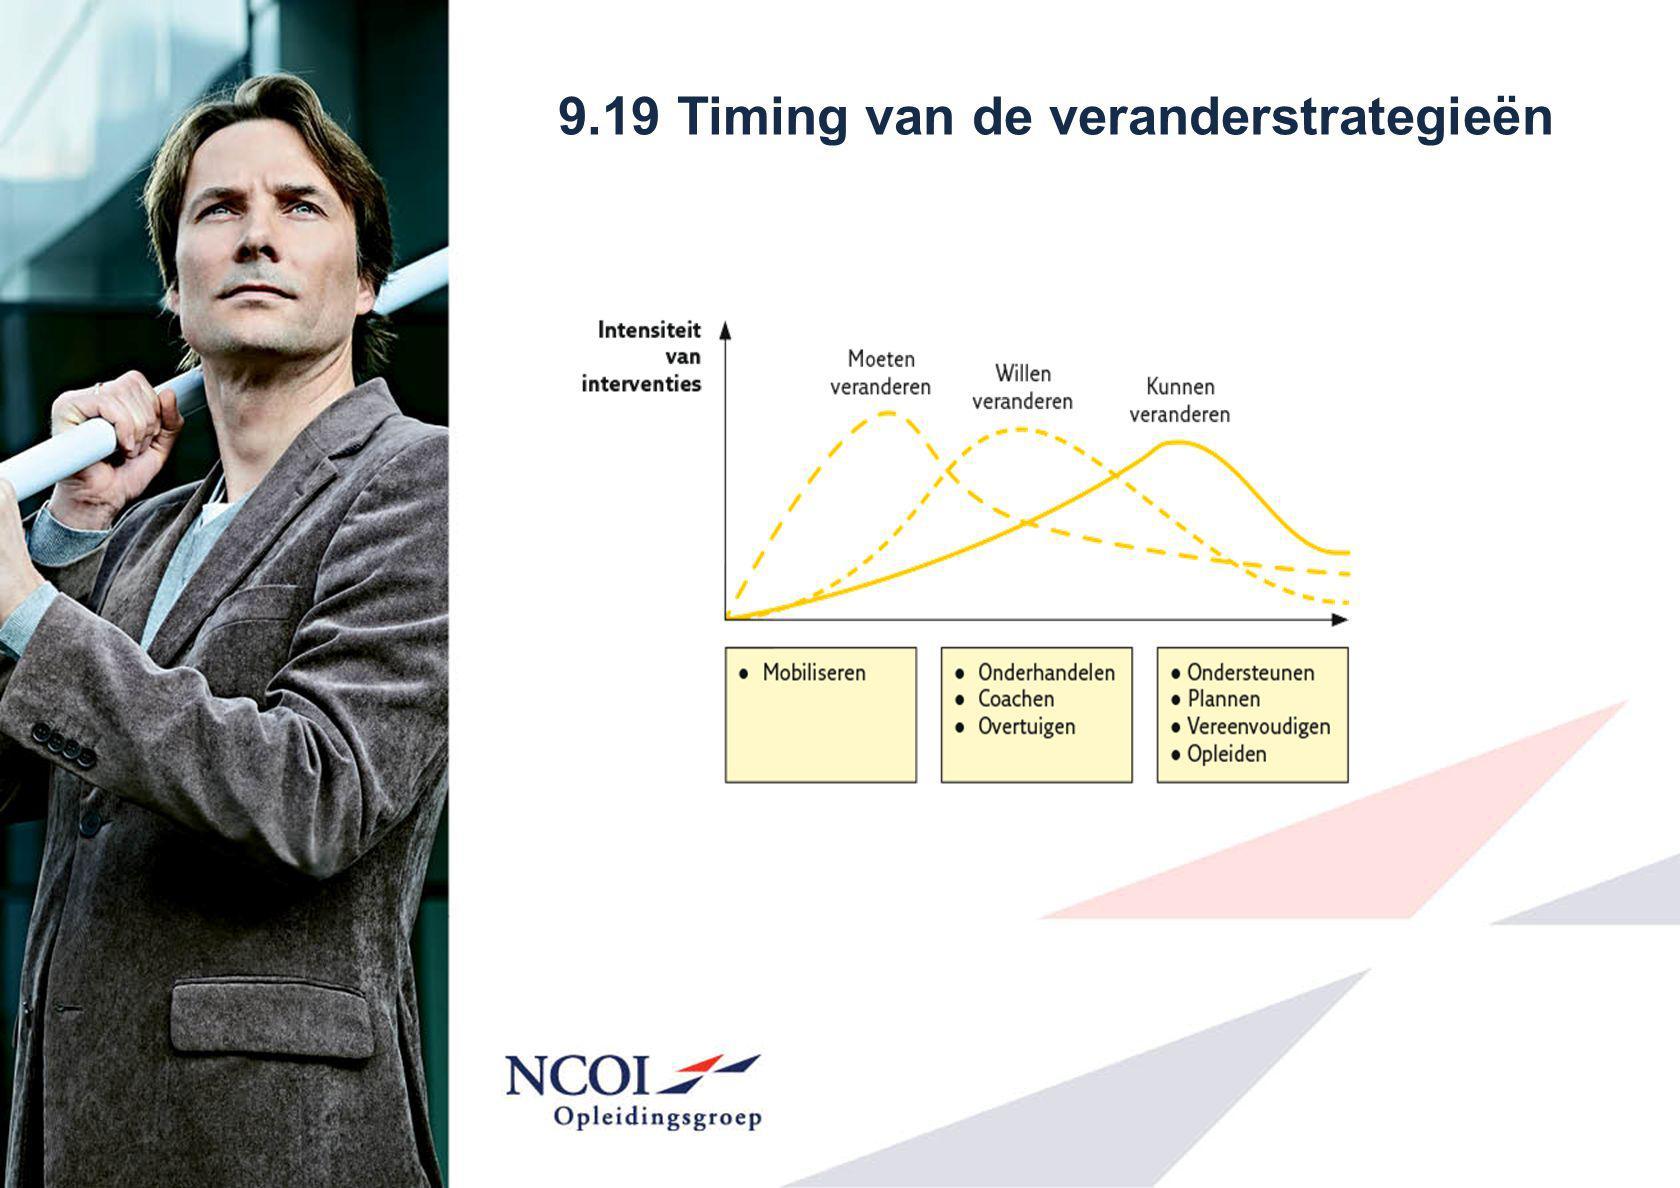 9.19 Timing van de veranderstrategieën